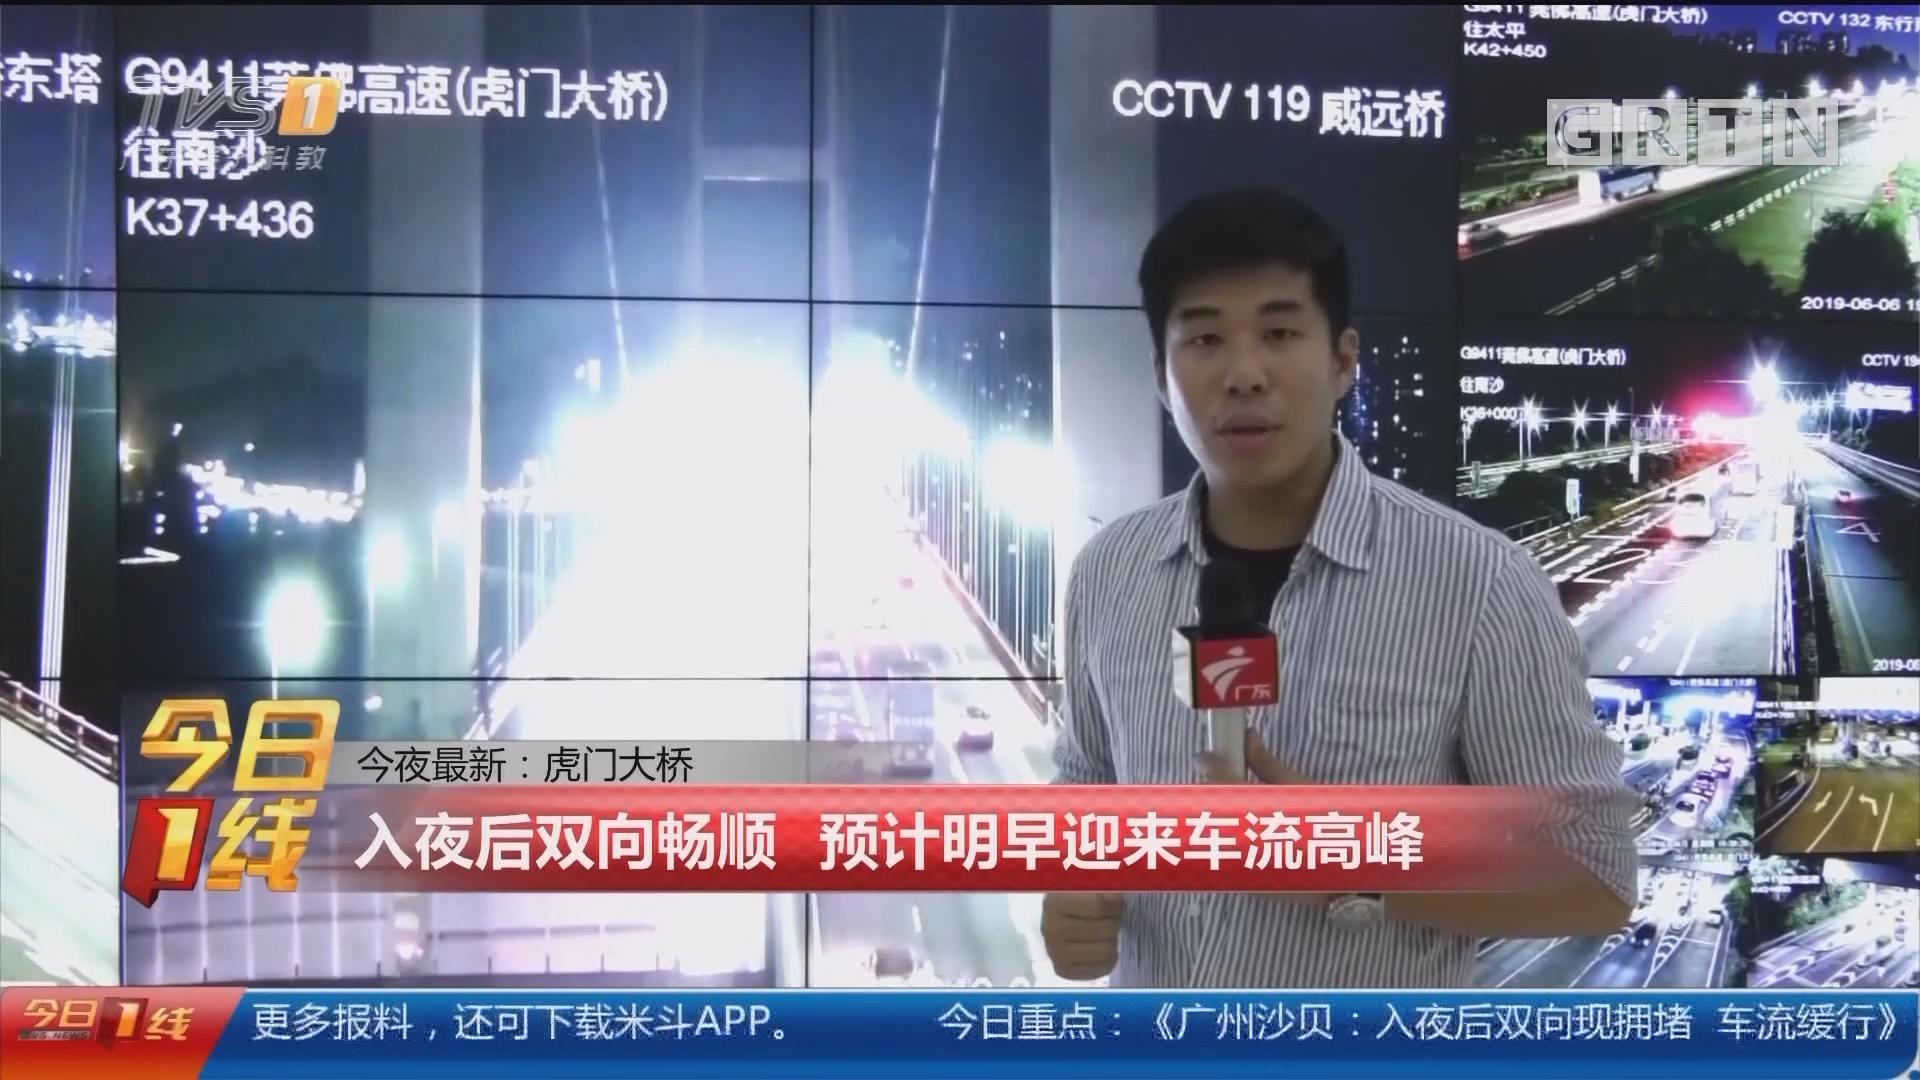 今夜最新:虎门大桥 入夜后双向通畅 预计明早迎来车流高峰